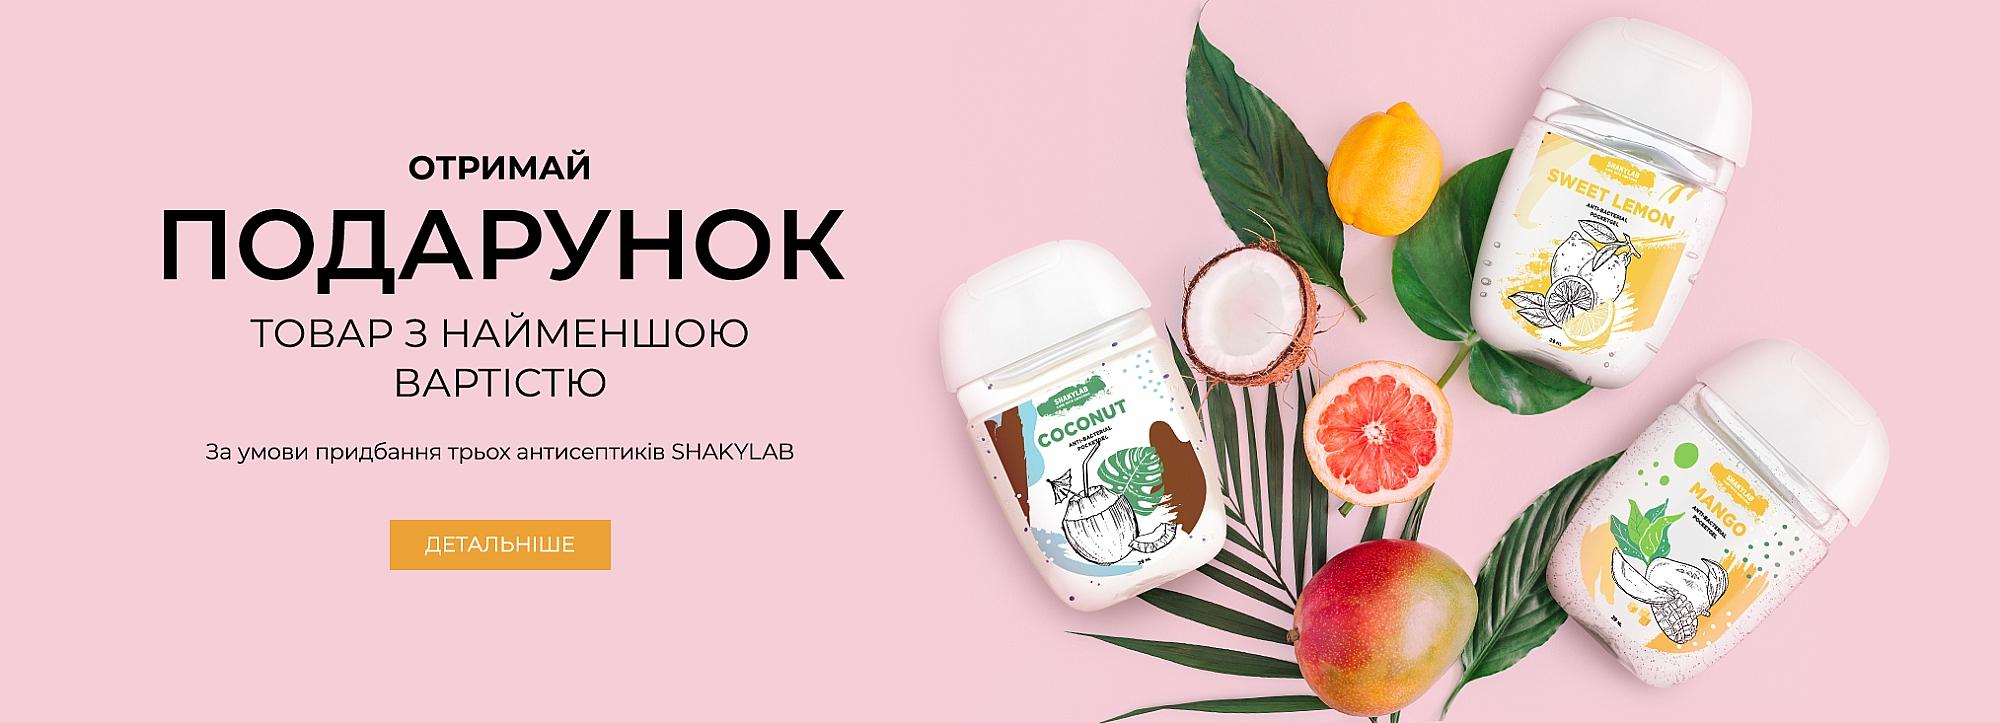 SHAKYLAB Gift